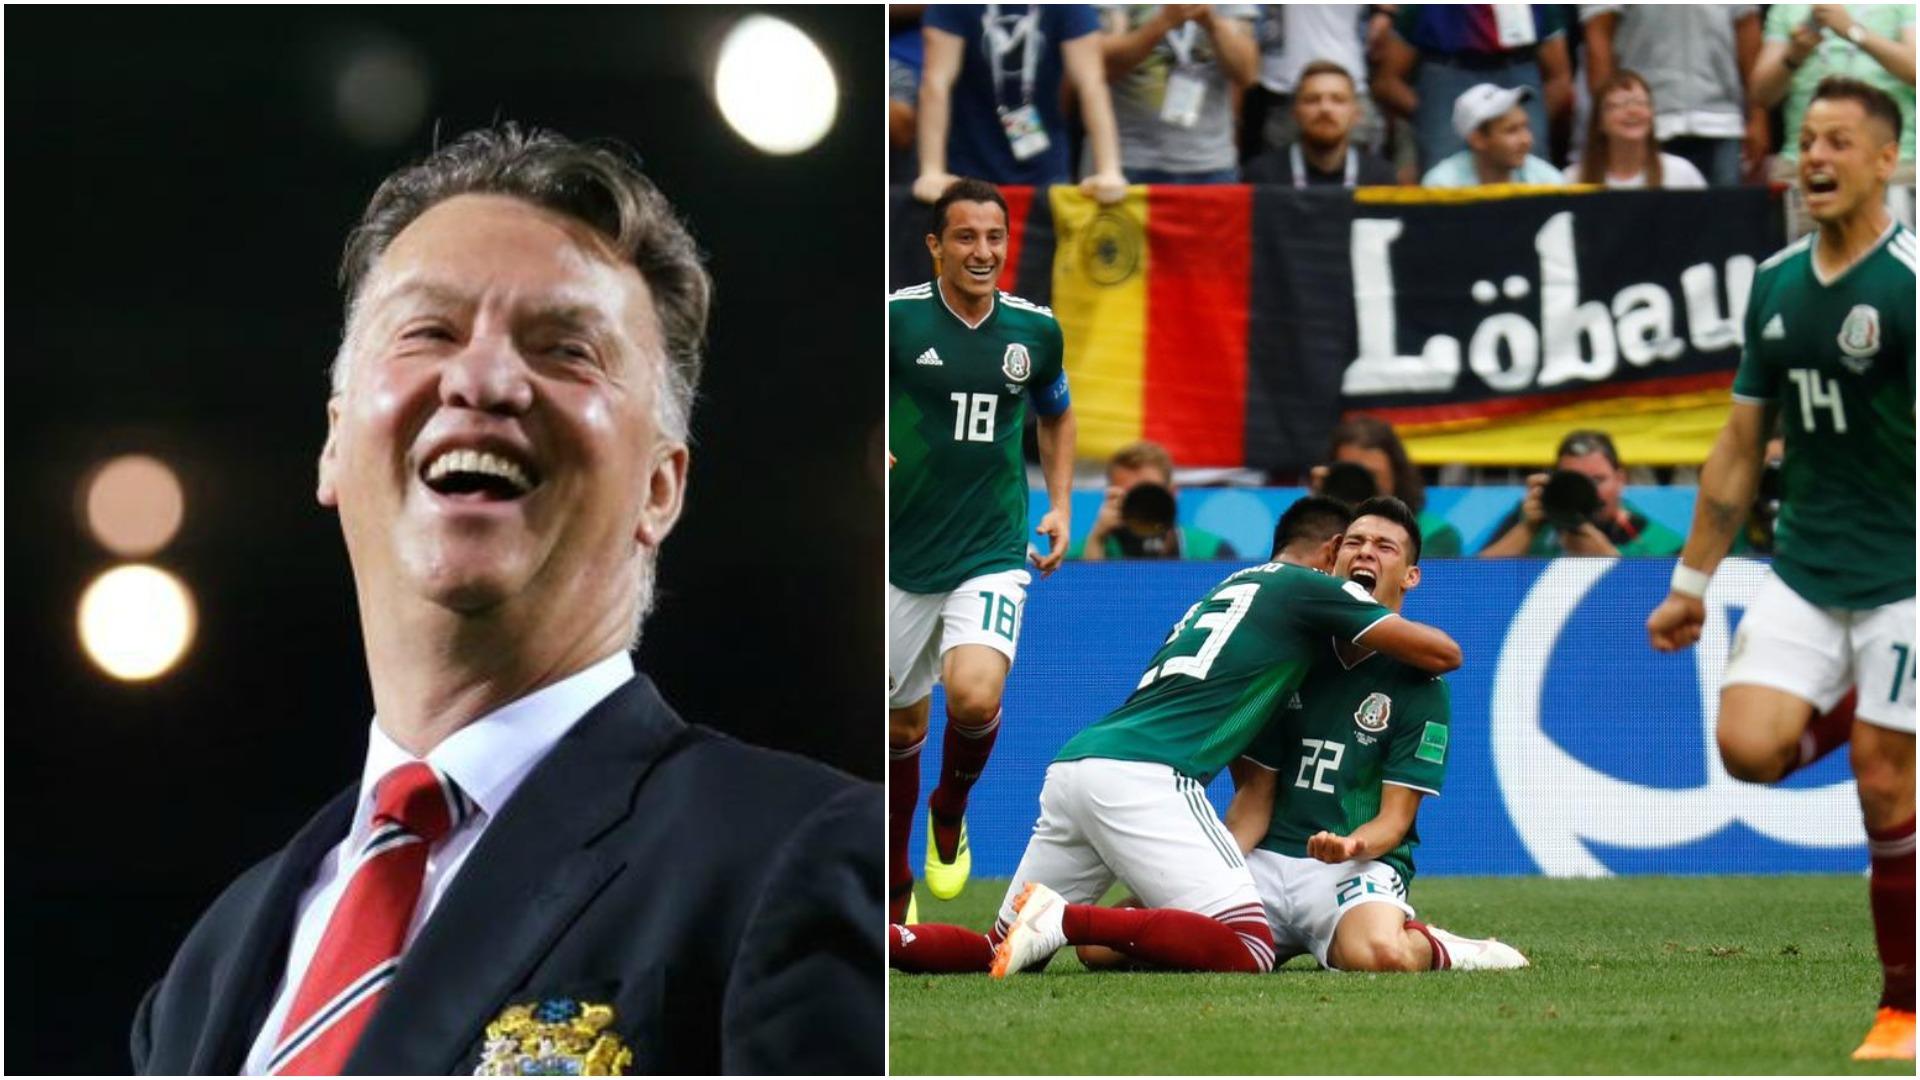 Sekreti i Van Gaal: Meksika si Holanda e Amerikës, gati u riktheva në stol